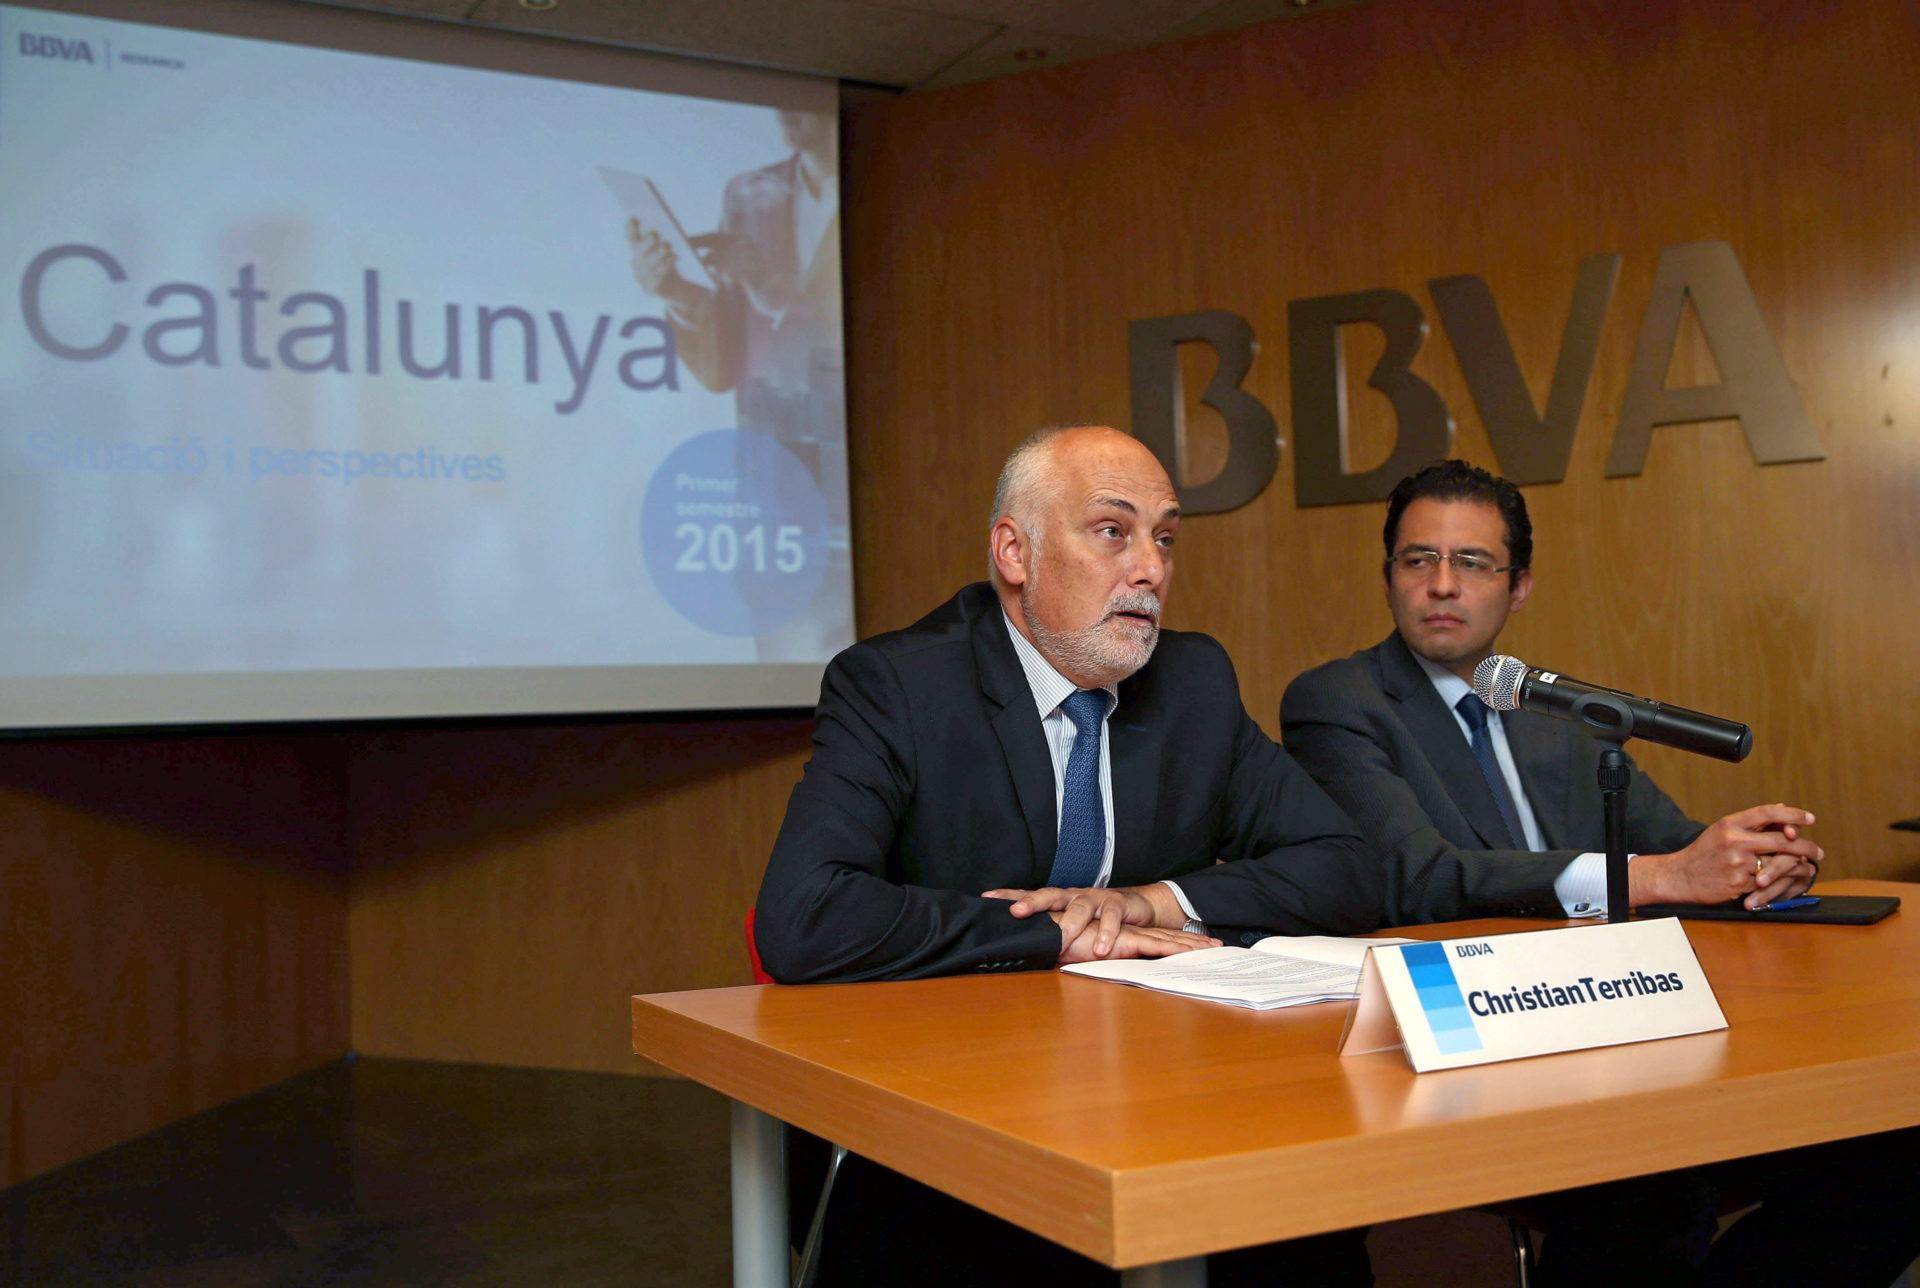 Fotografía de Christian Terribas y Miguel Cardoso (d) durante la presentación de la publicación